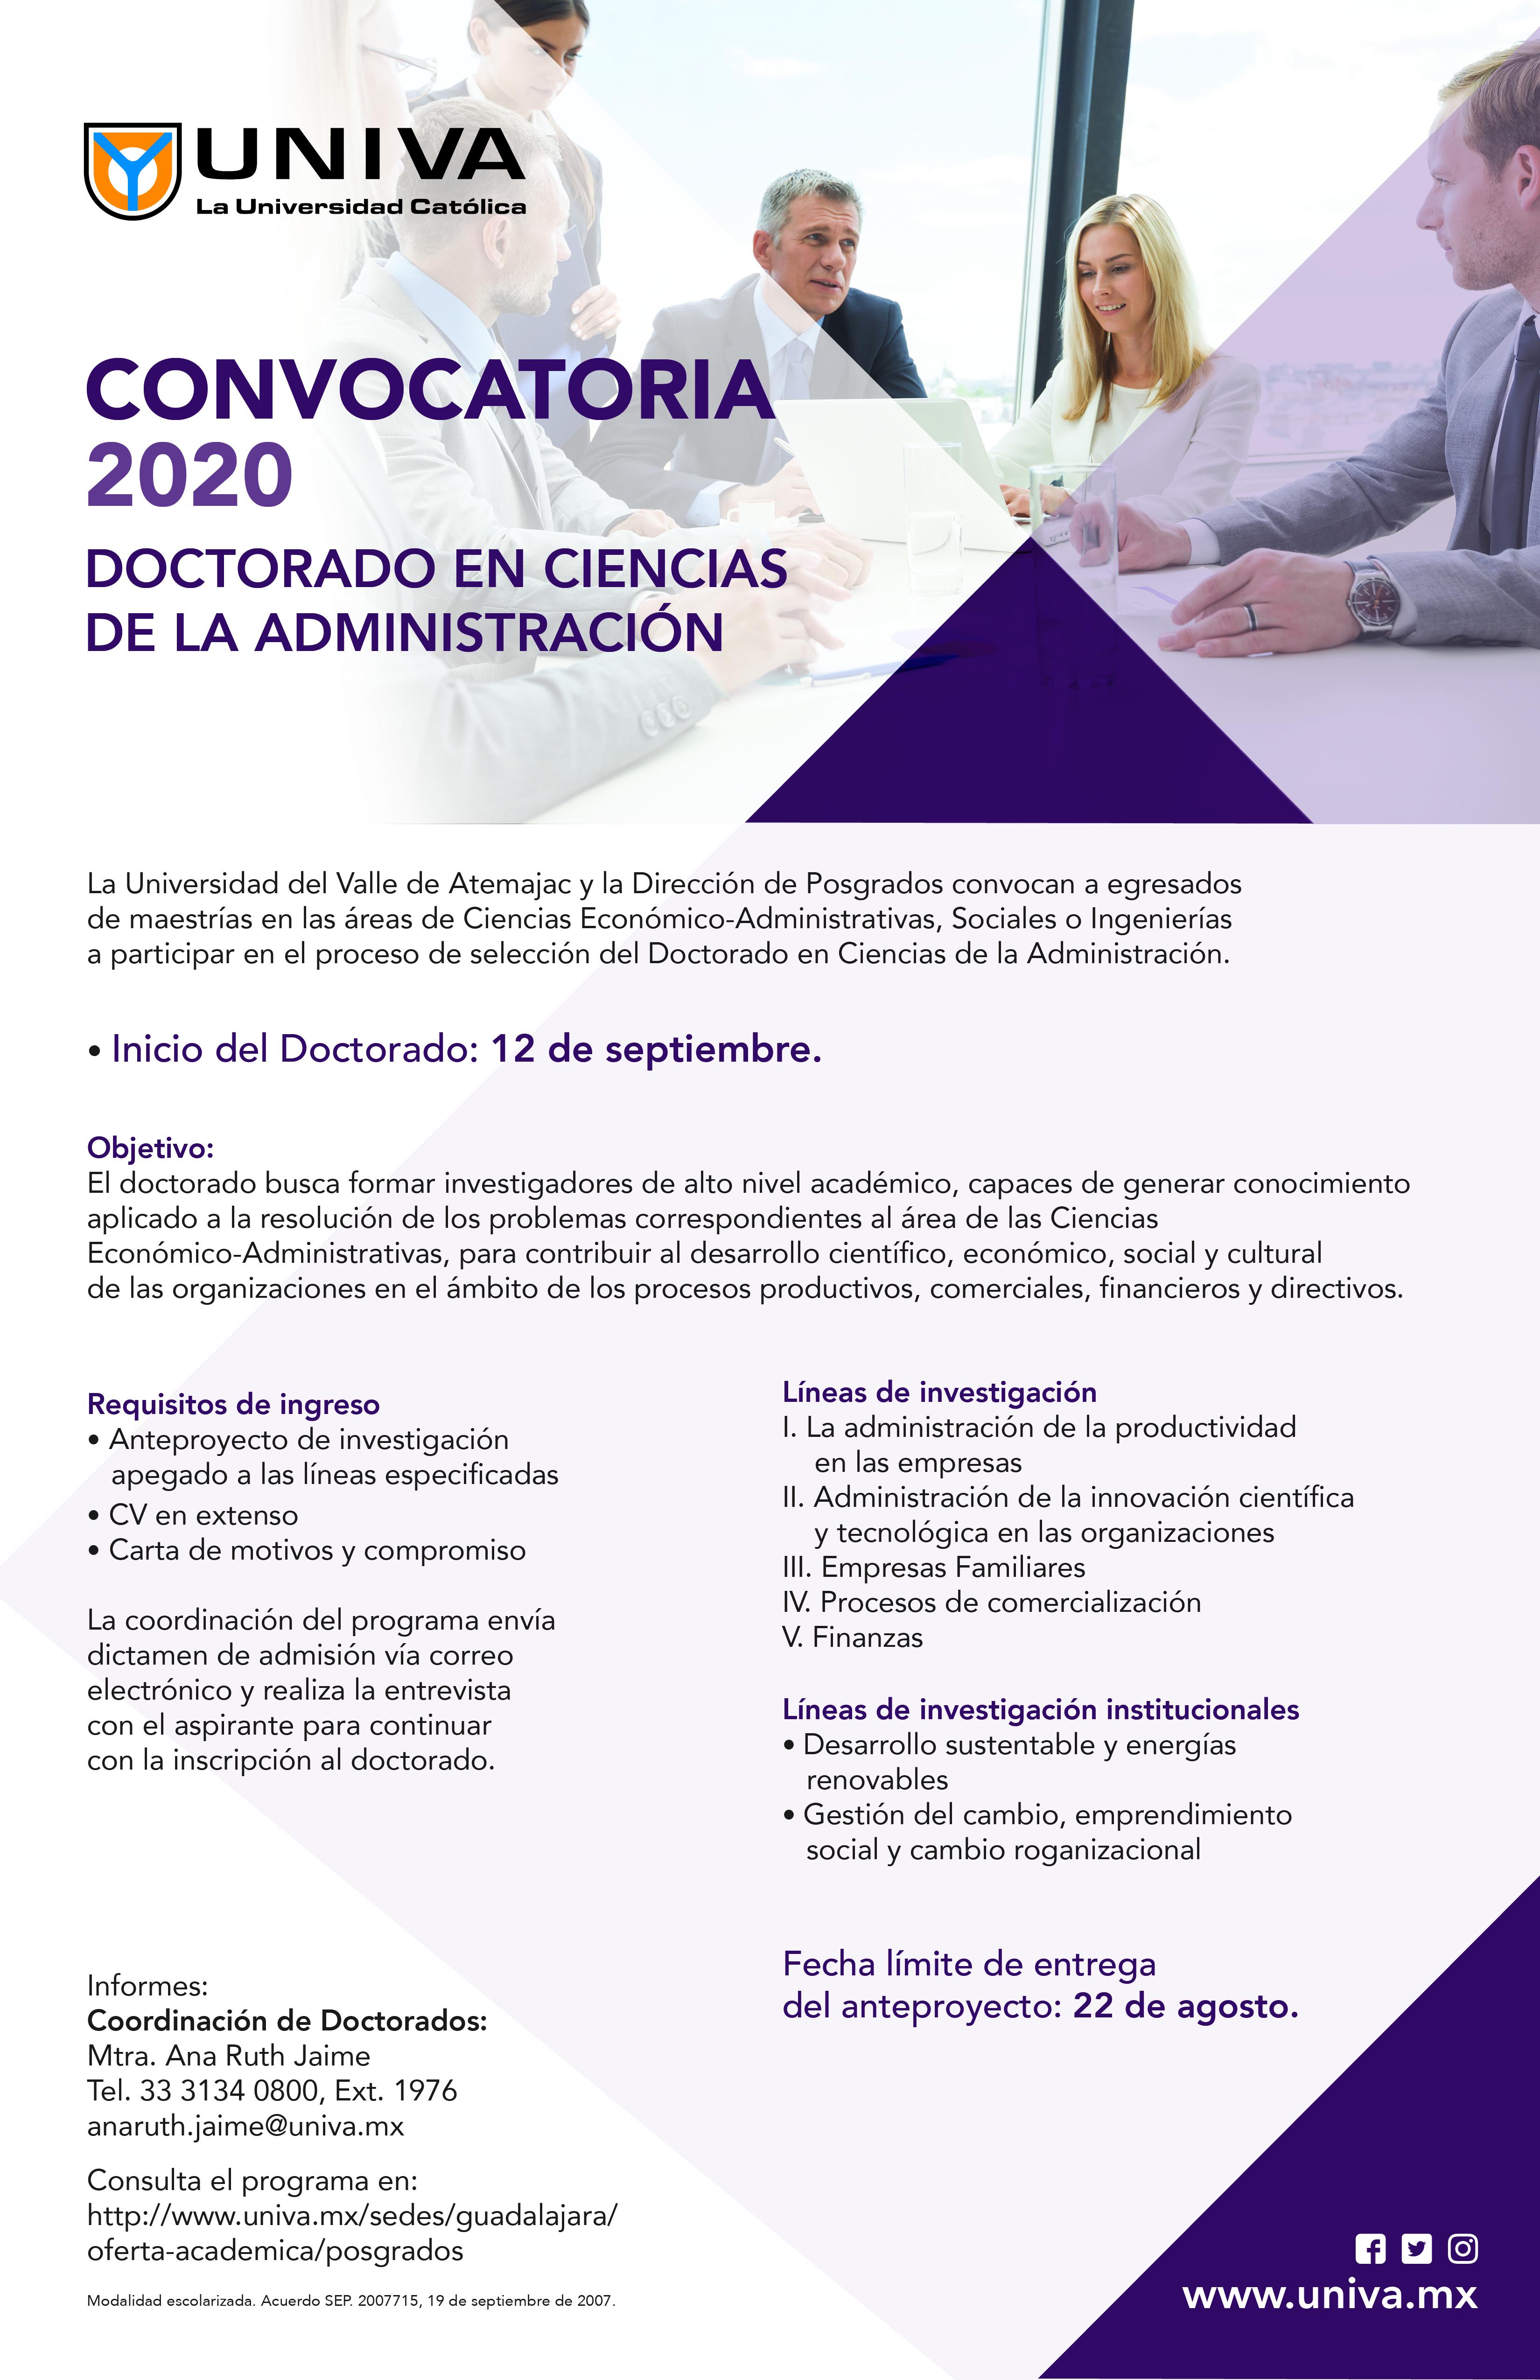 Convocatoria 2020 Doctorado en Ciencias de la Administración